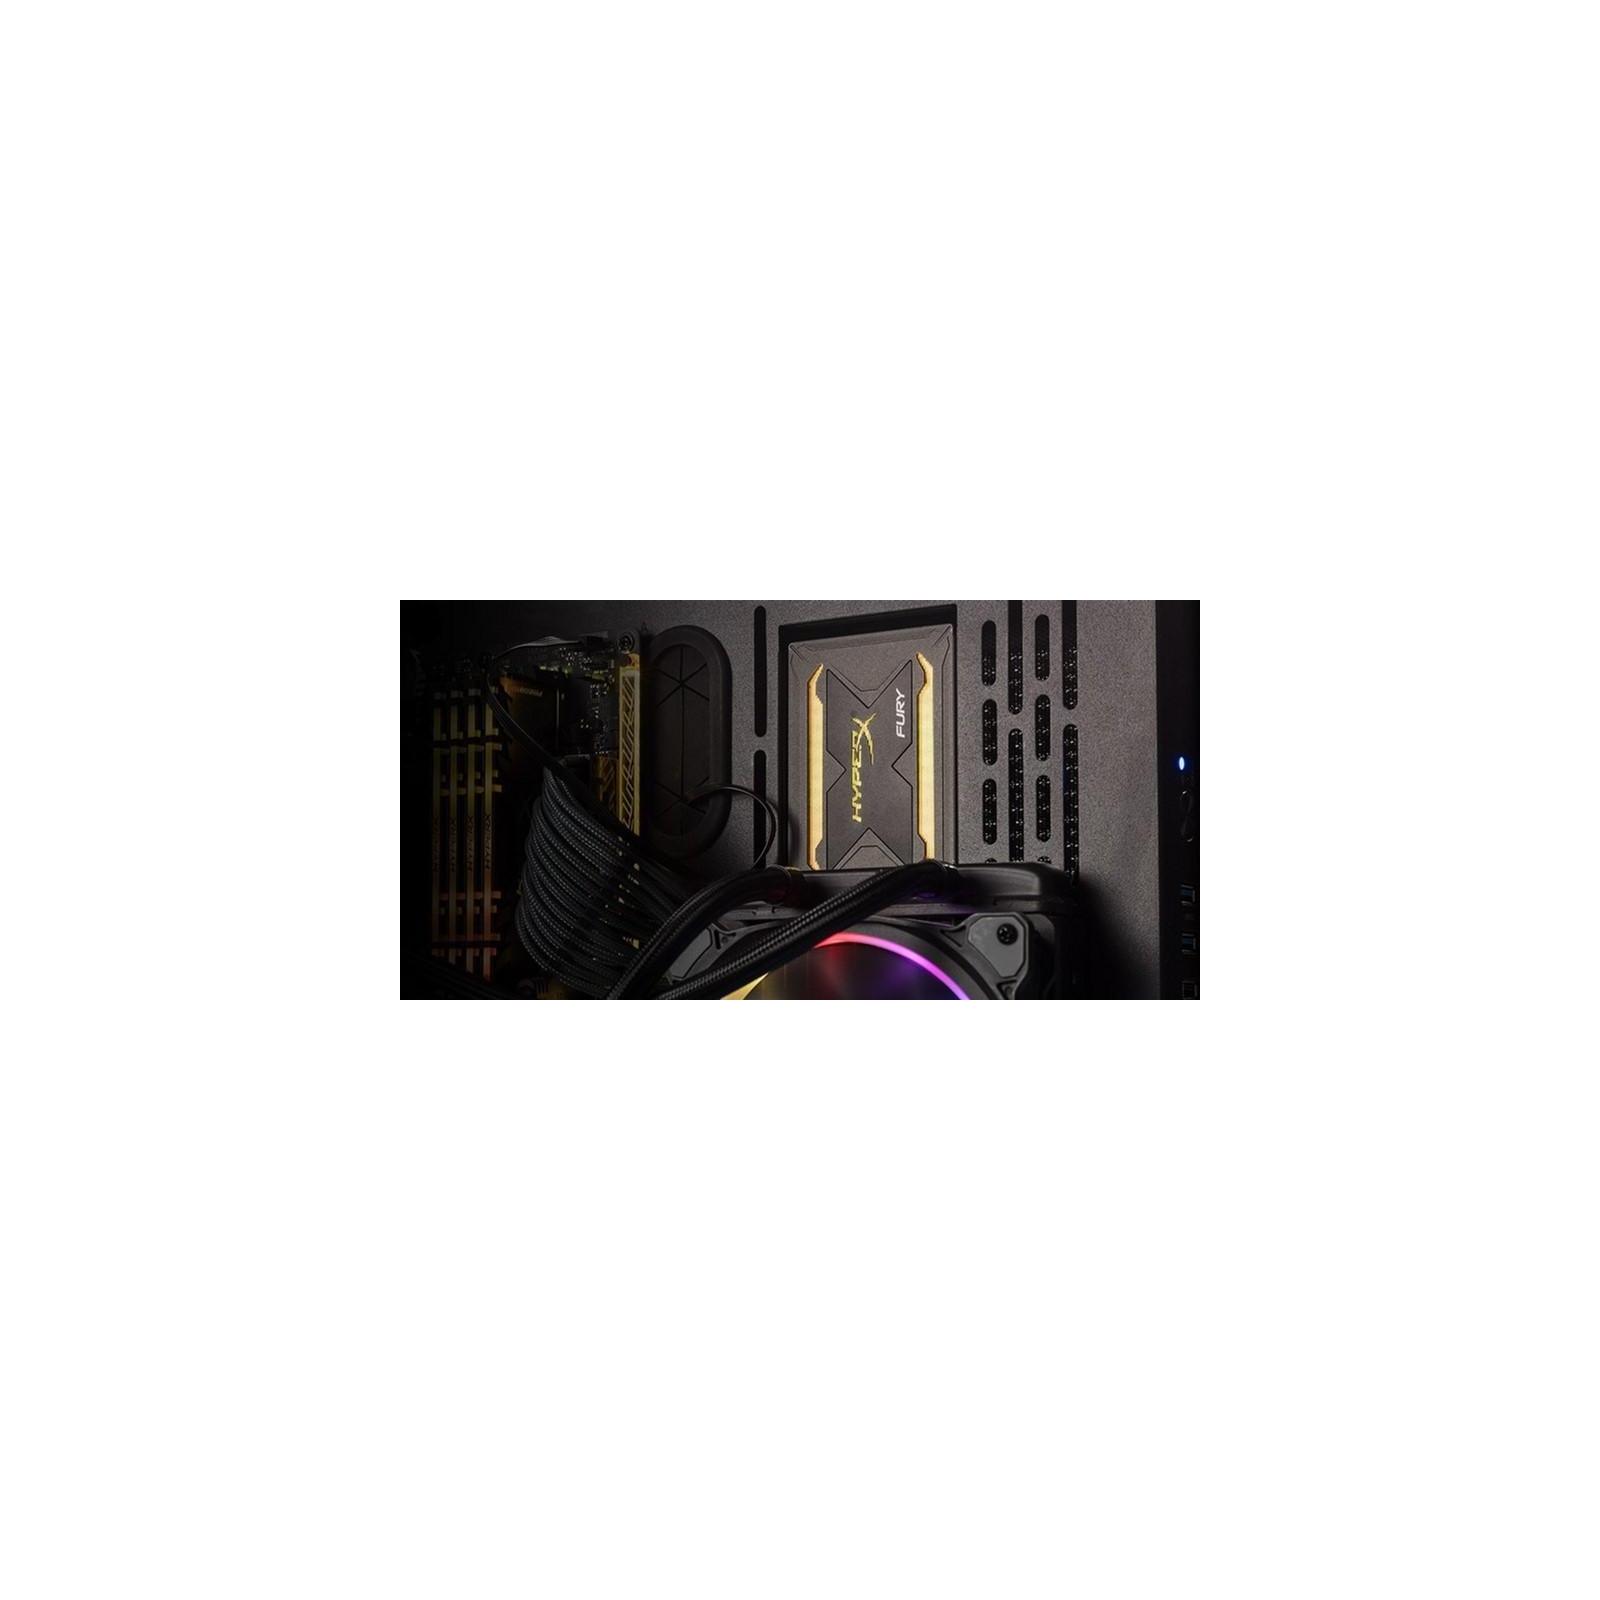 """Накопичувач SSD 2.5"""" 960GB HyperX SSD (SHFR200/960G) зображення 11"""